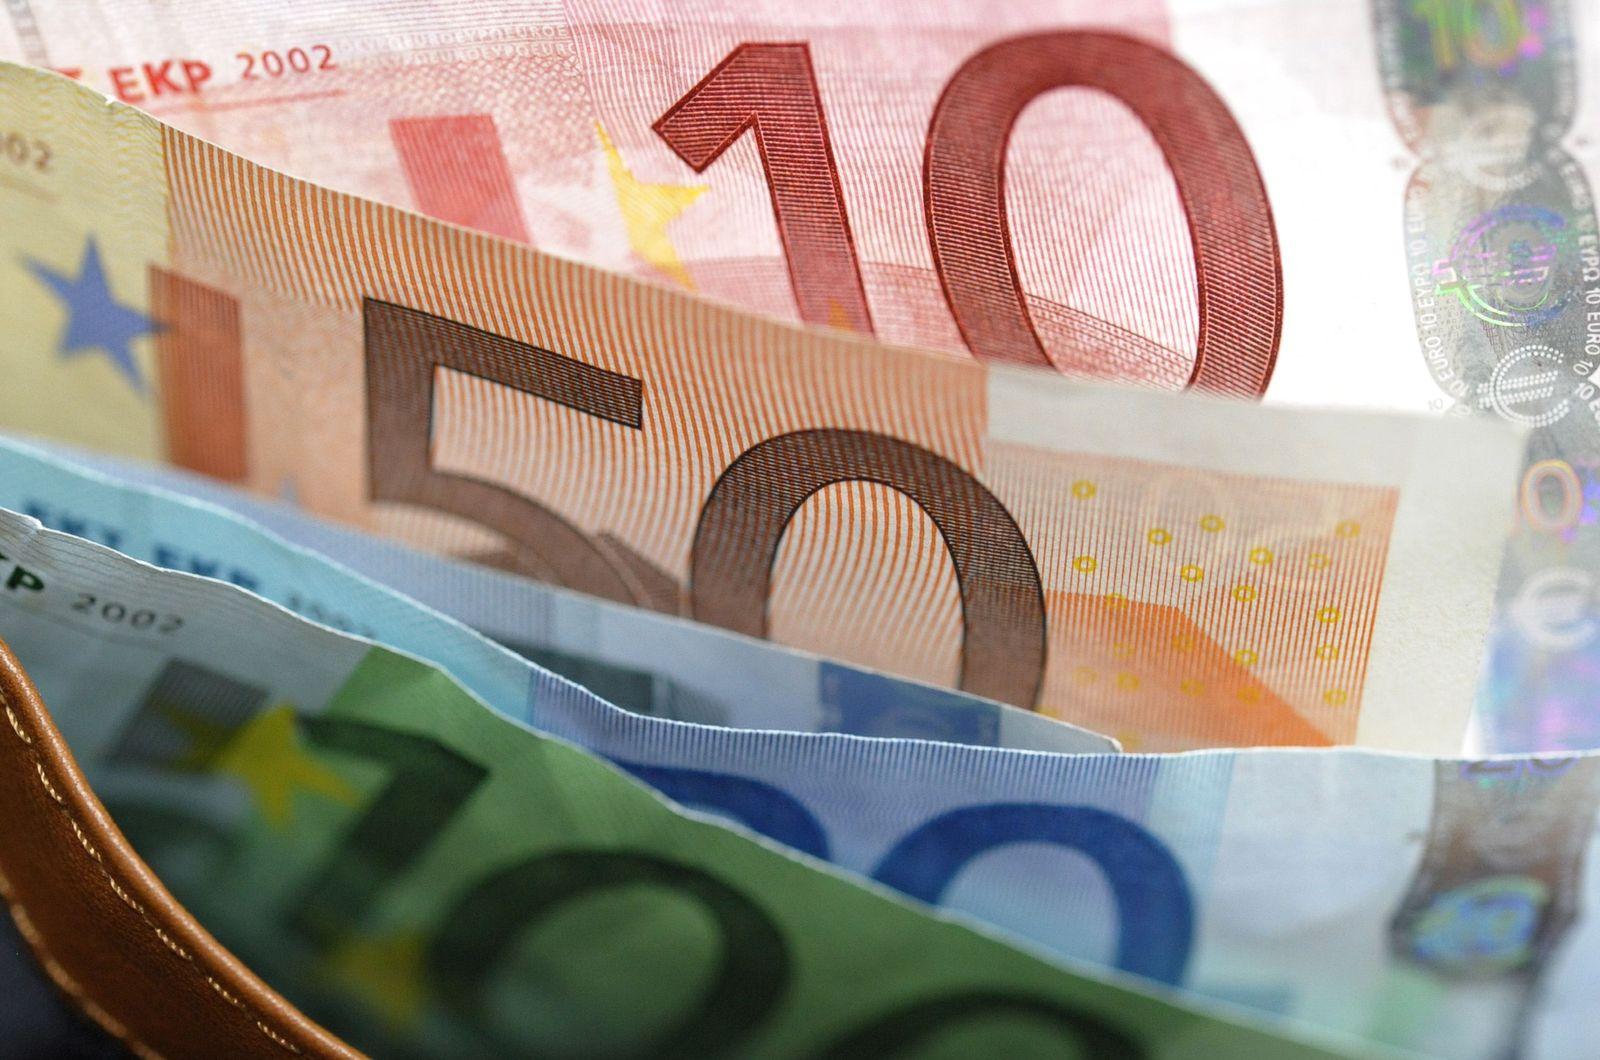 NICHT VERWENDEN Banknoten in der Geldboerse